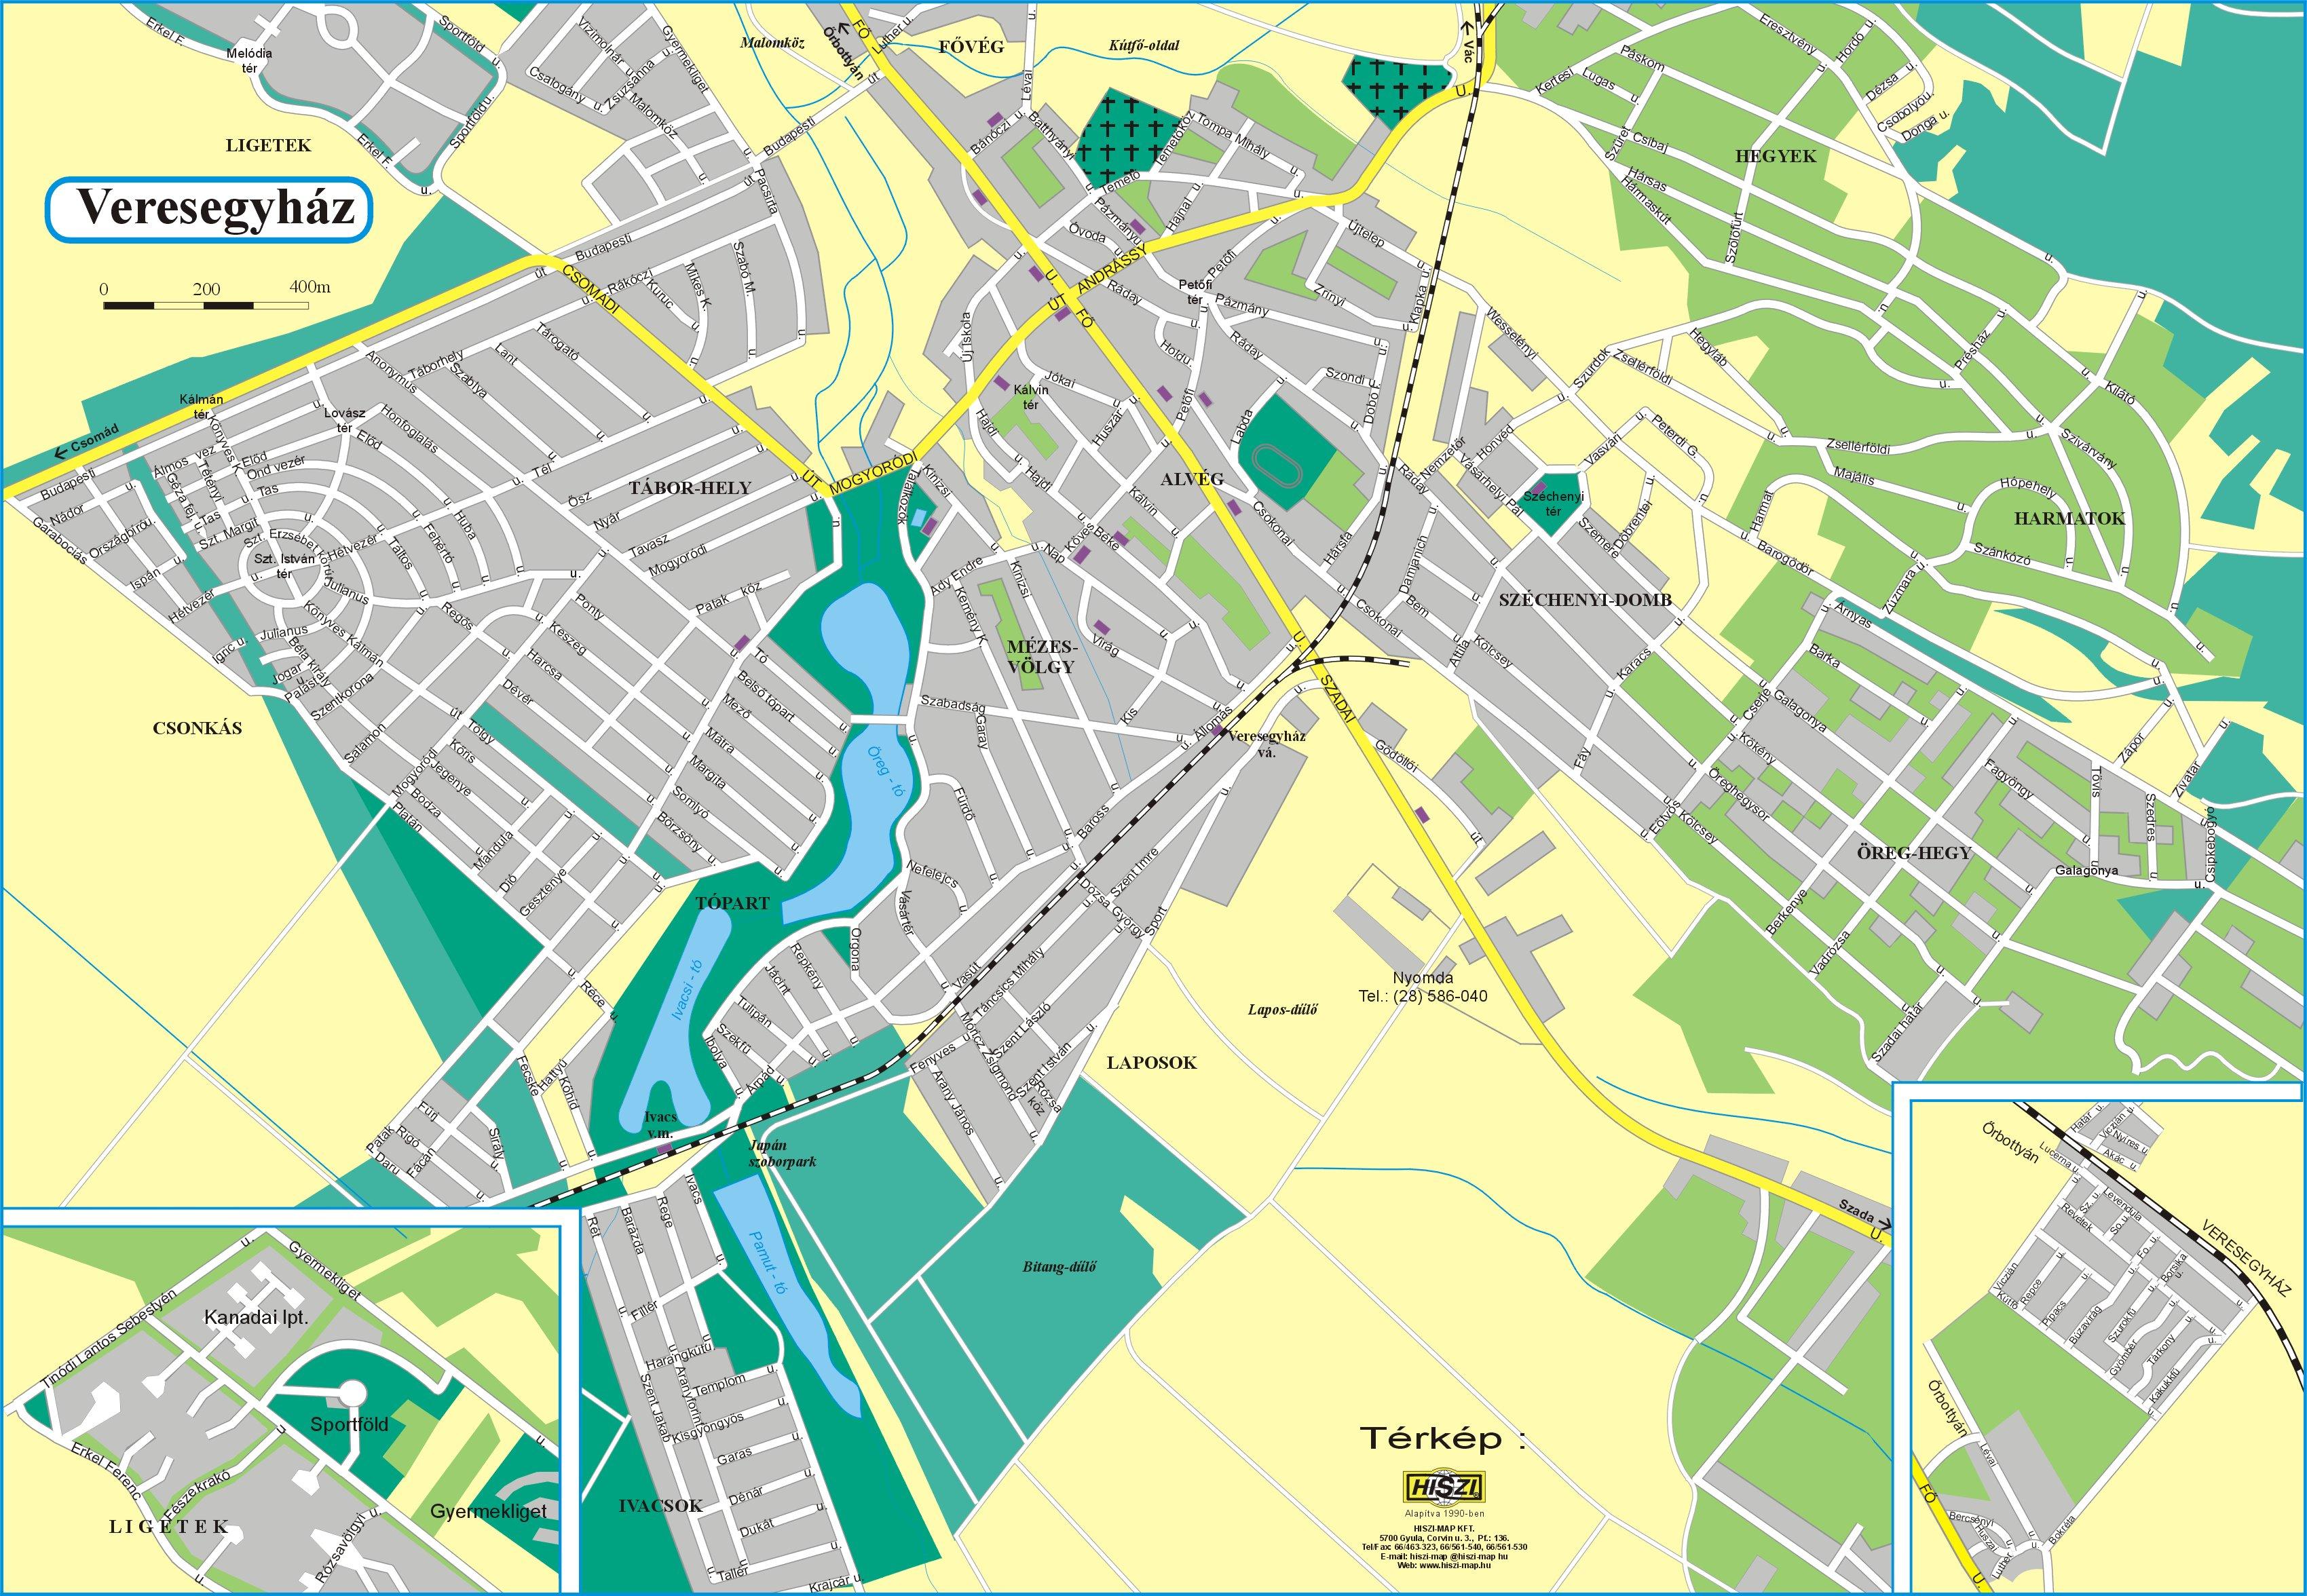 magyarország térkép veresegyház GKRTE GÖDÖLLŐ   Gödöllő és Környéke Regionális Turisztikai Egyesület magyarország térkép veresegyház